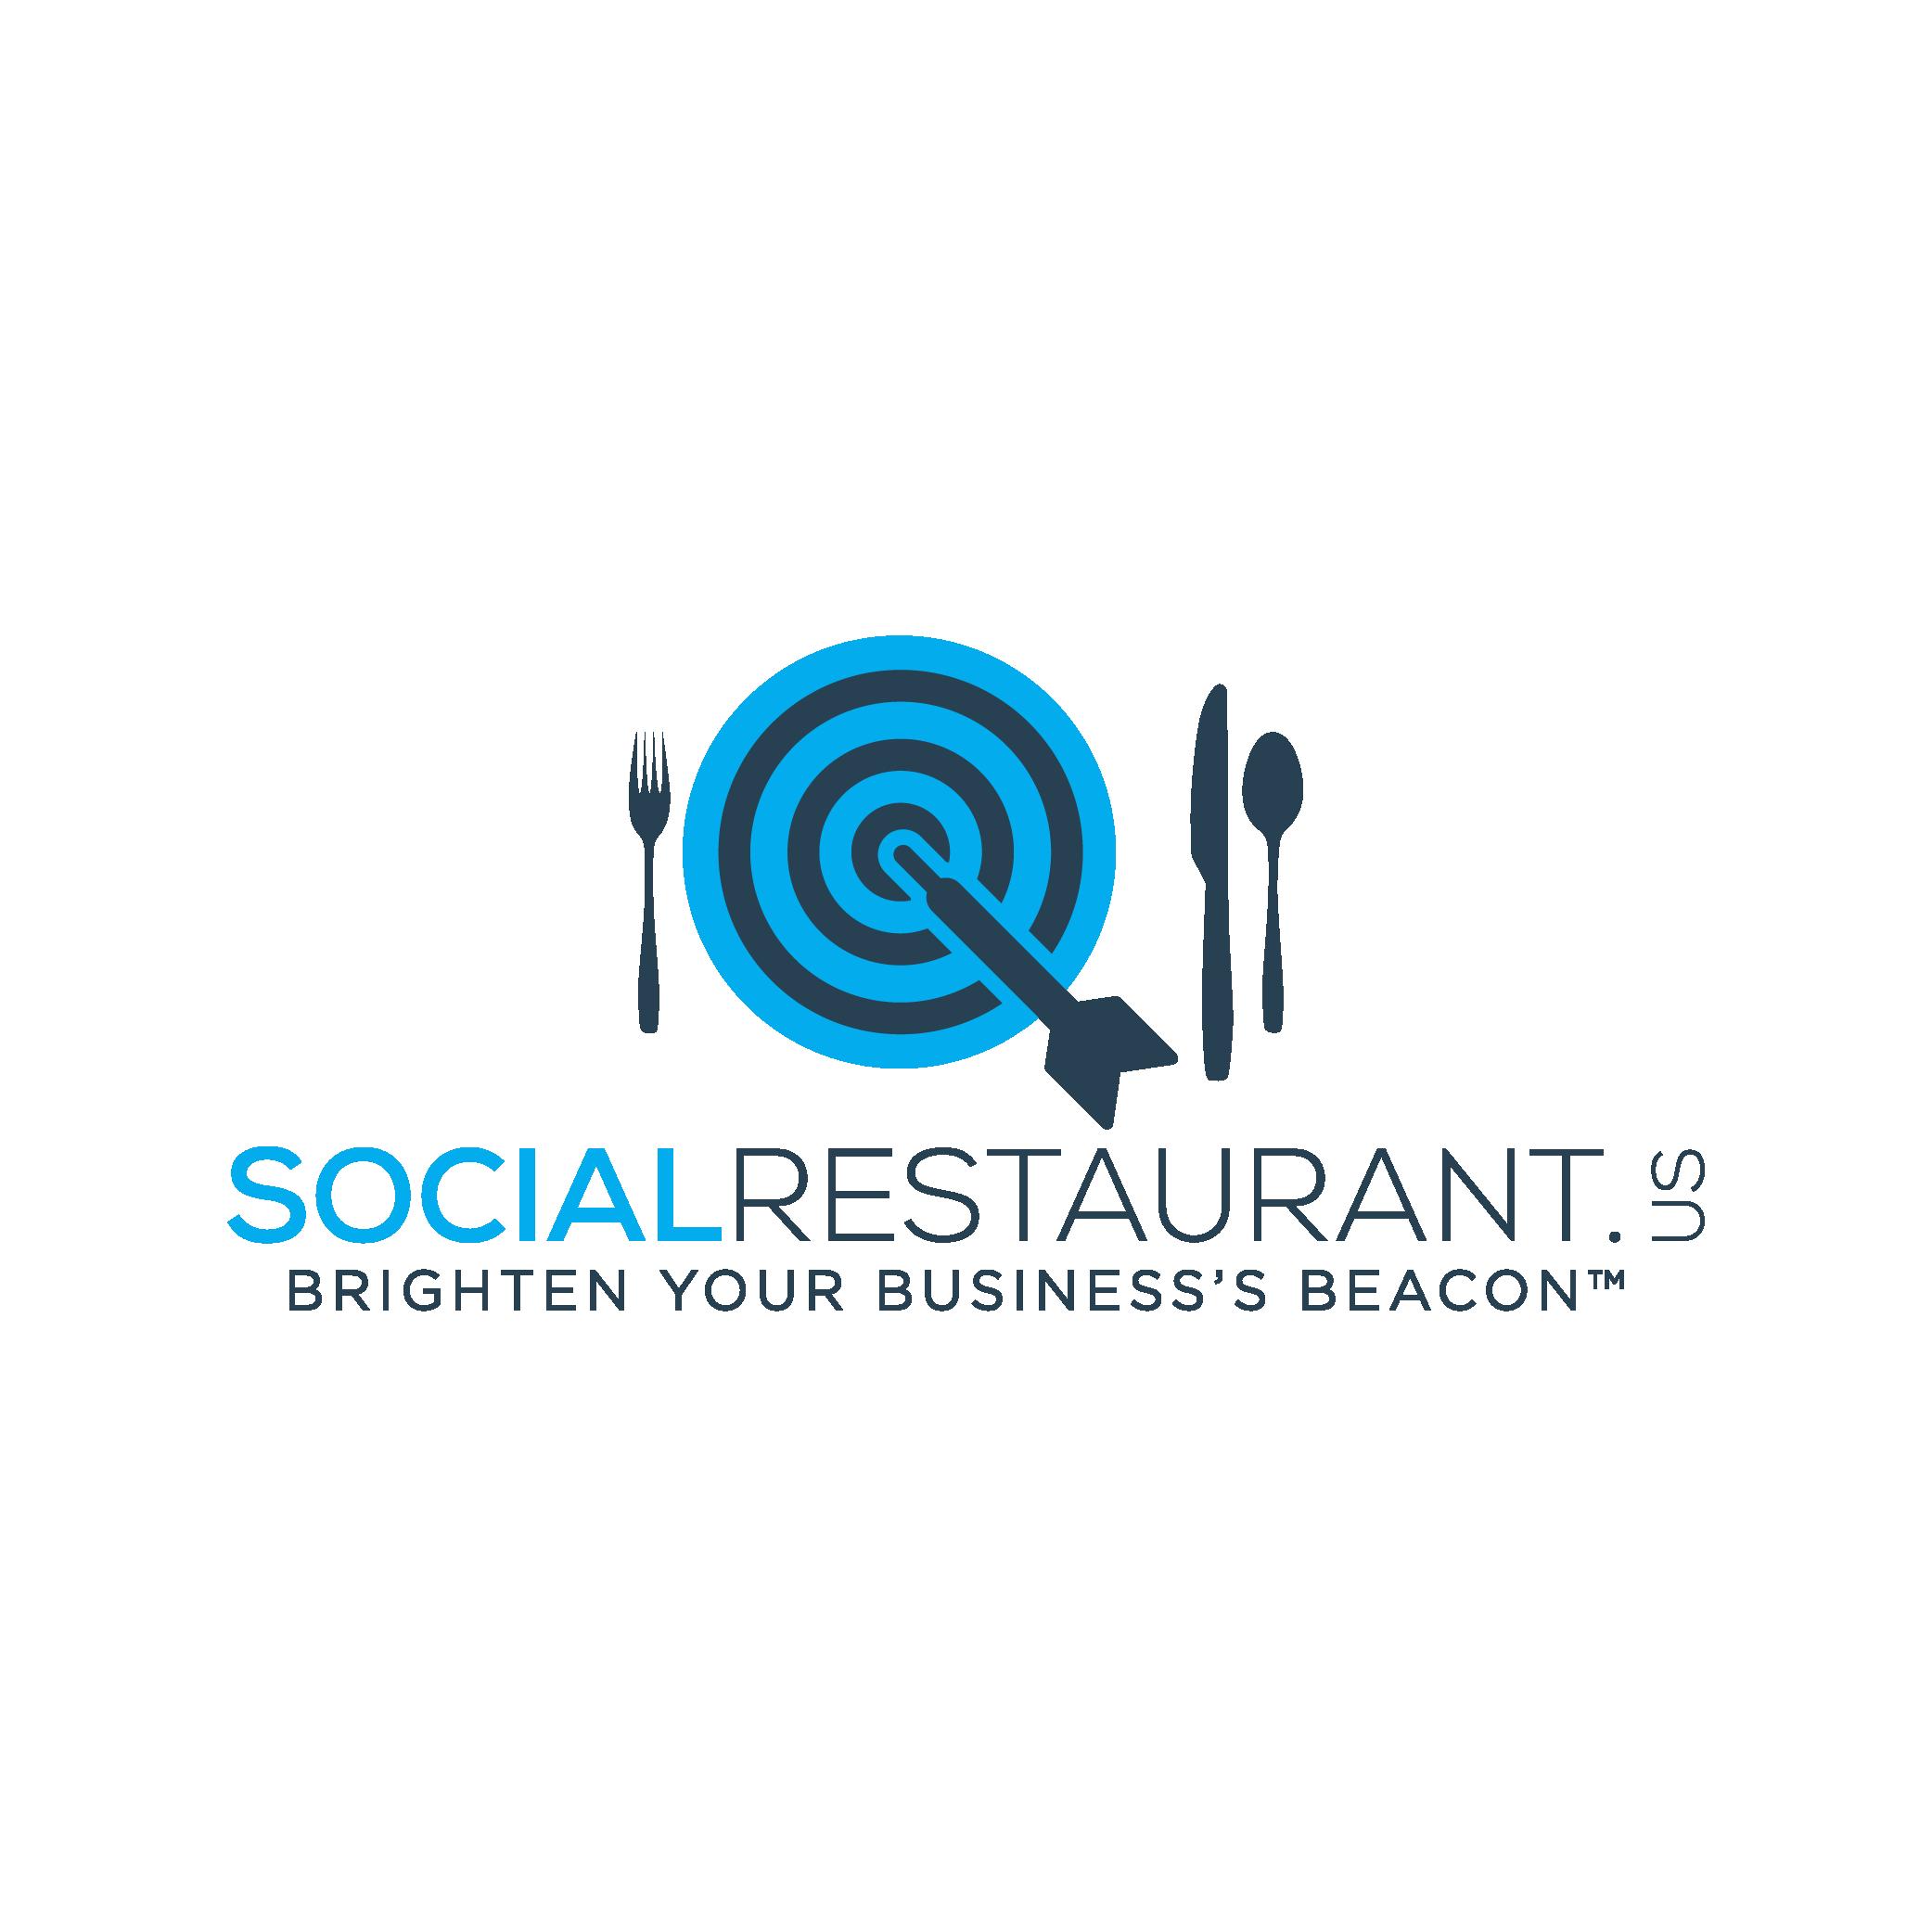 SocialRestaurant, LLC